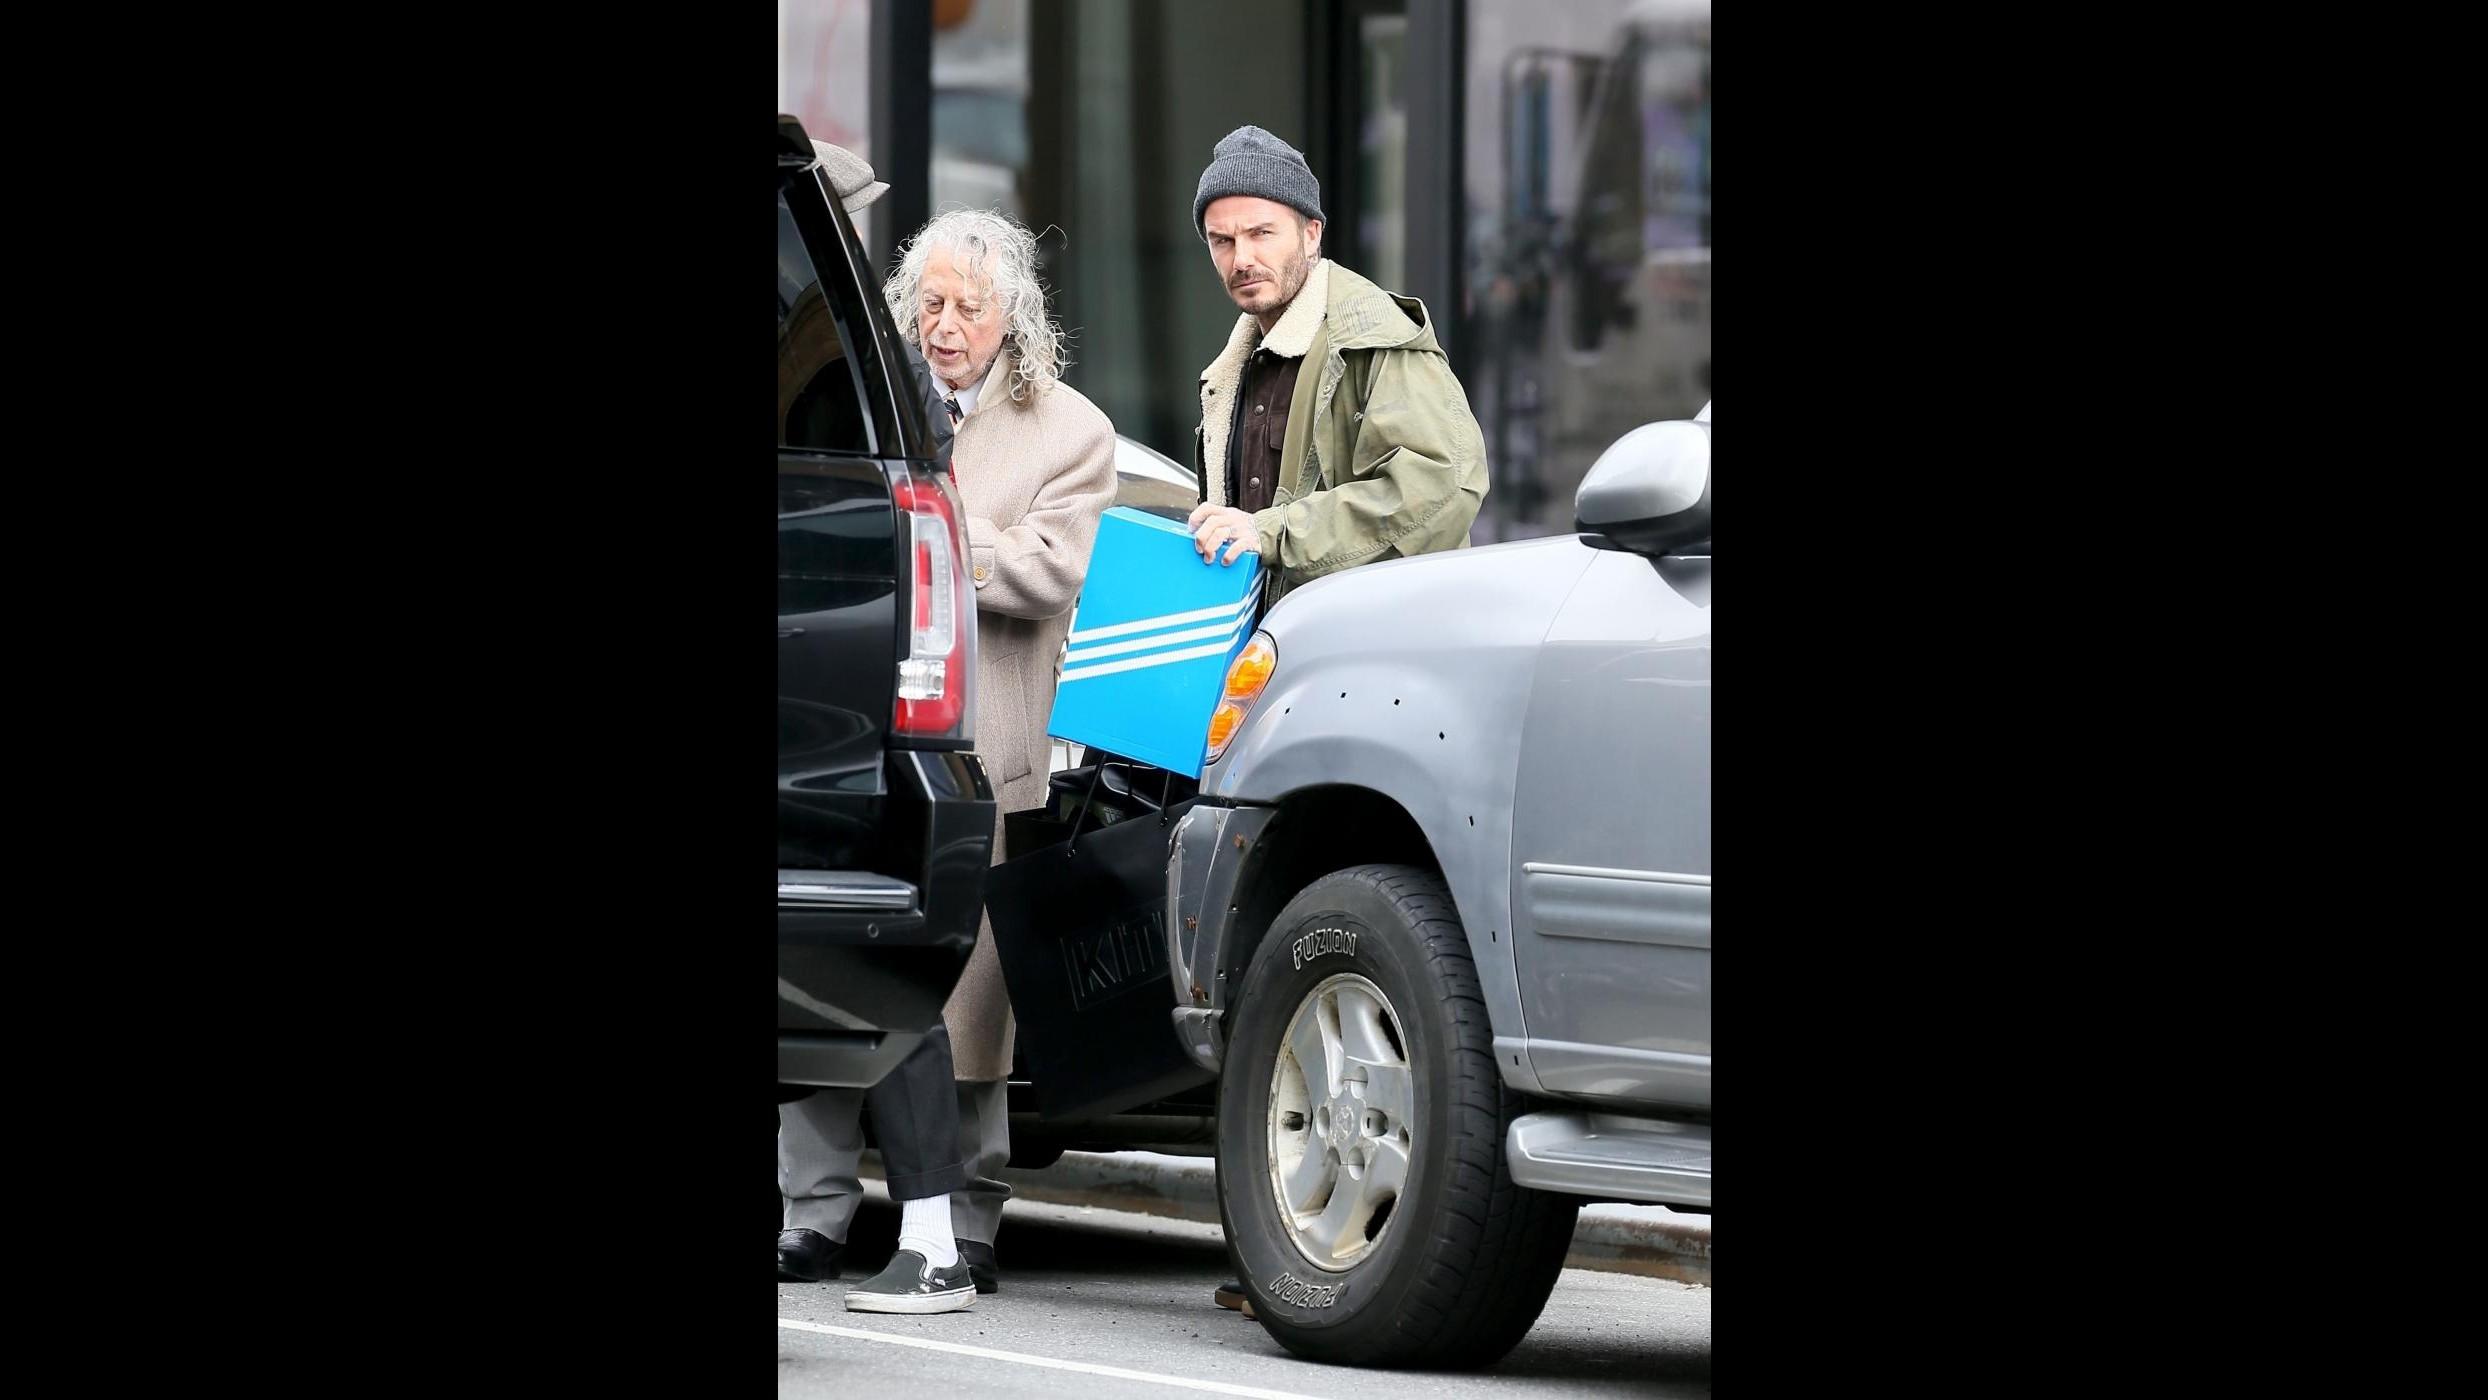 Brooklyn Beckham compie 19 anni, il compleanno con la fidanzata e i genitori